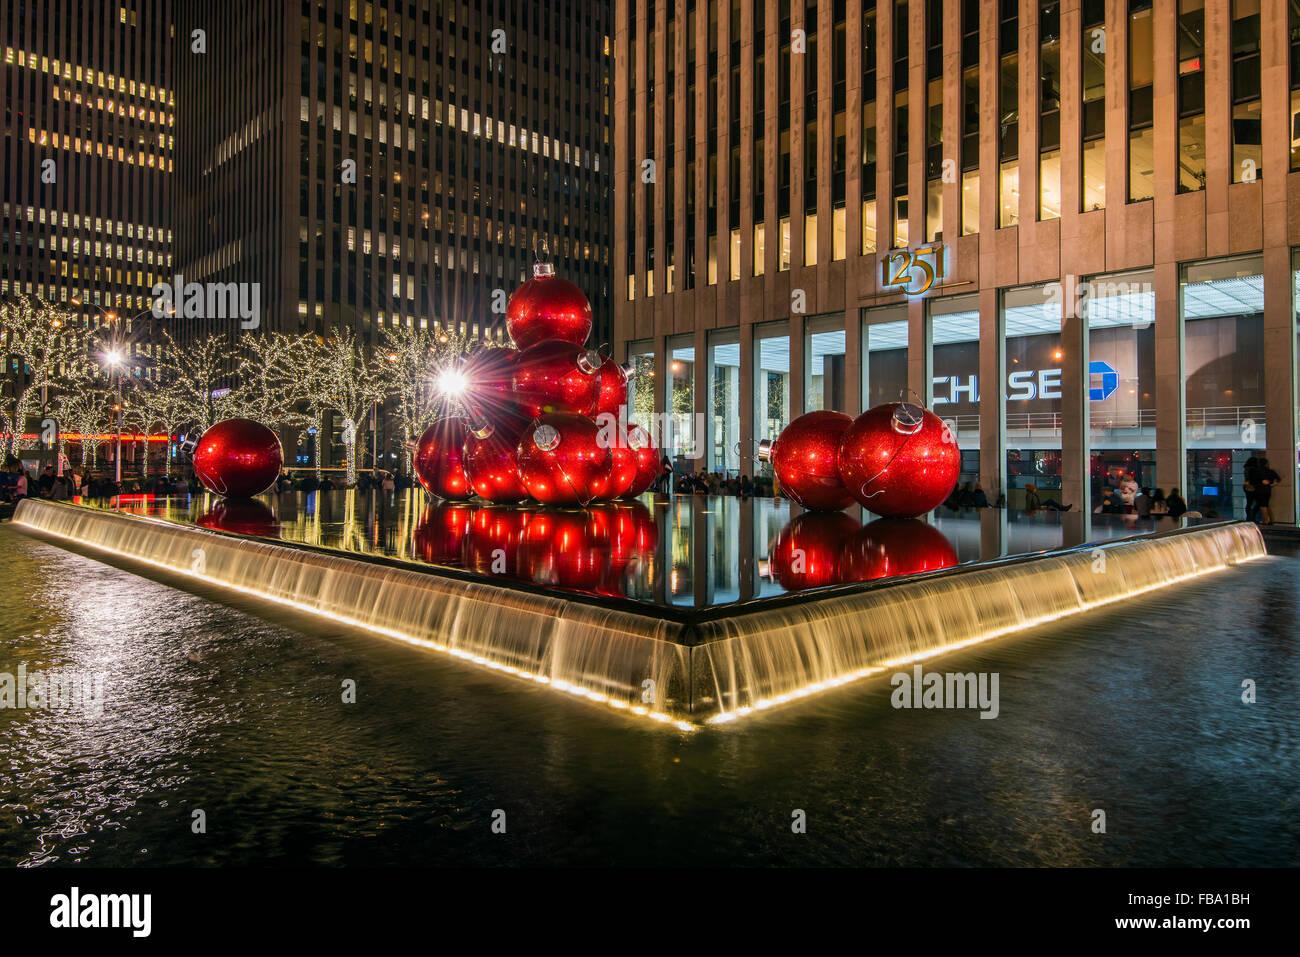 Christmas Decorations Display Stock Photos & Christmas